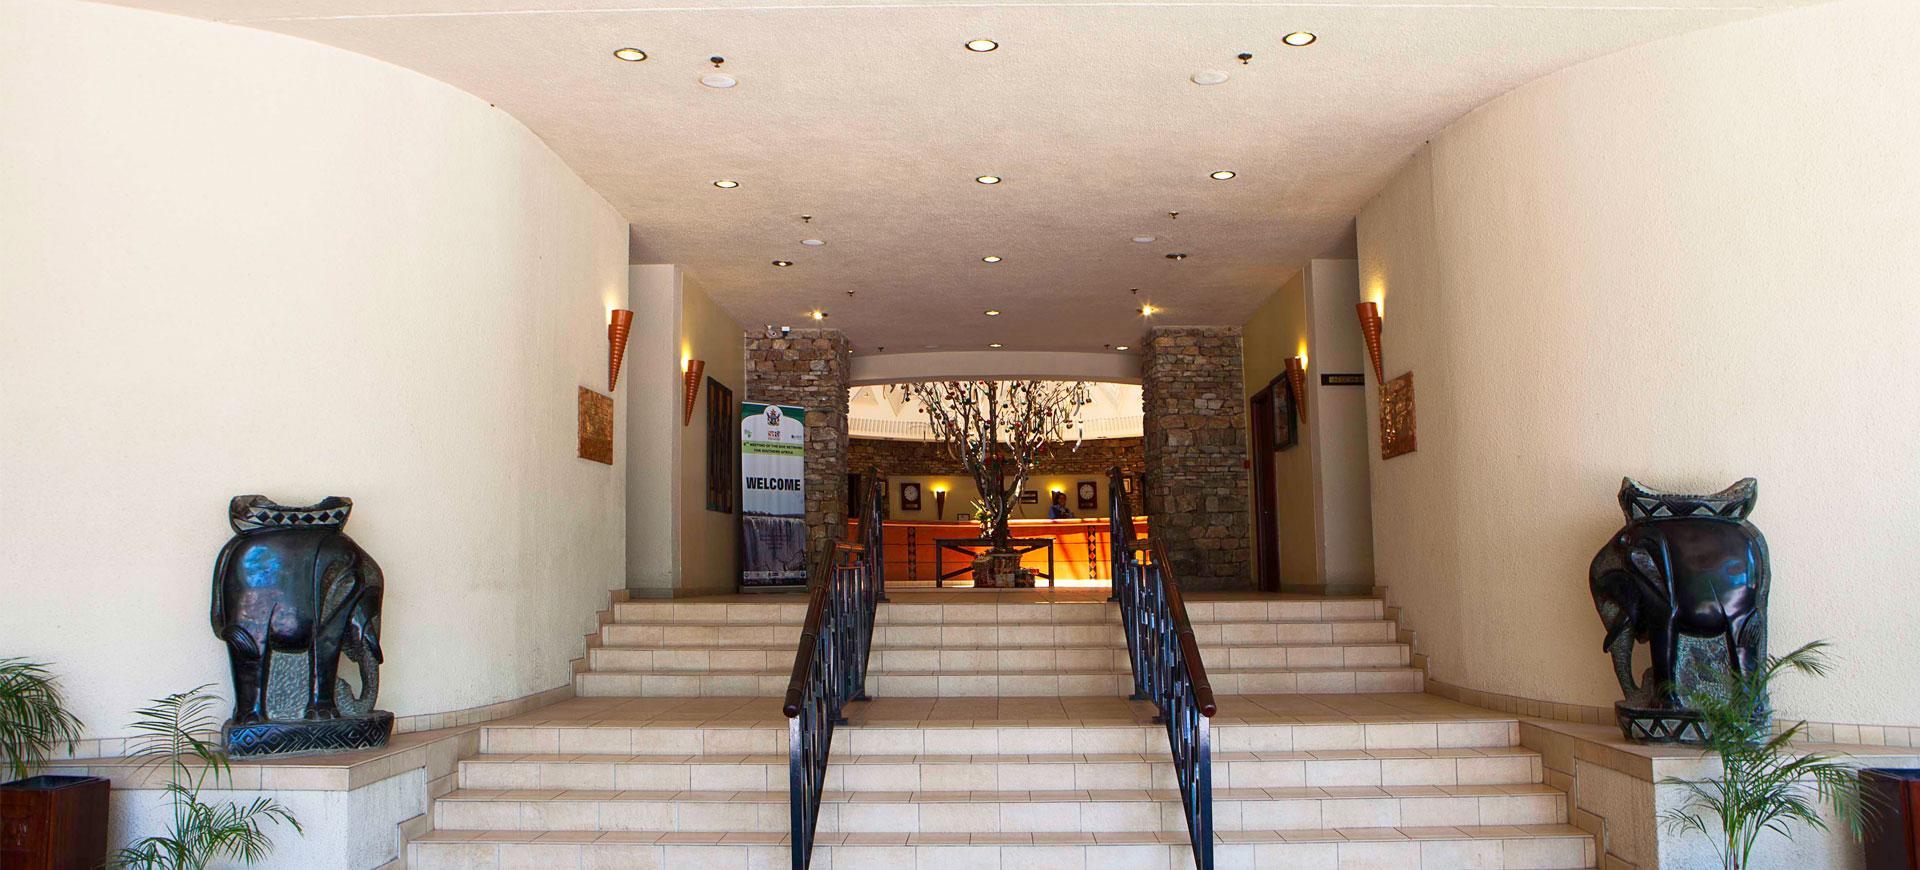 Victoria Falls Conference Venue Elephant Hills Hotel